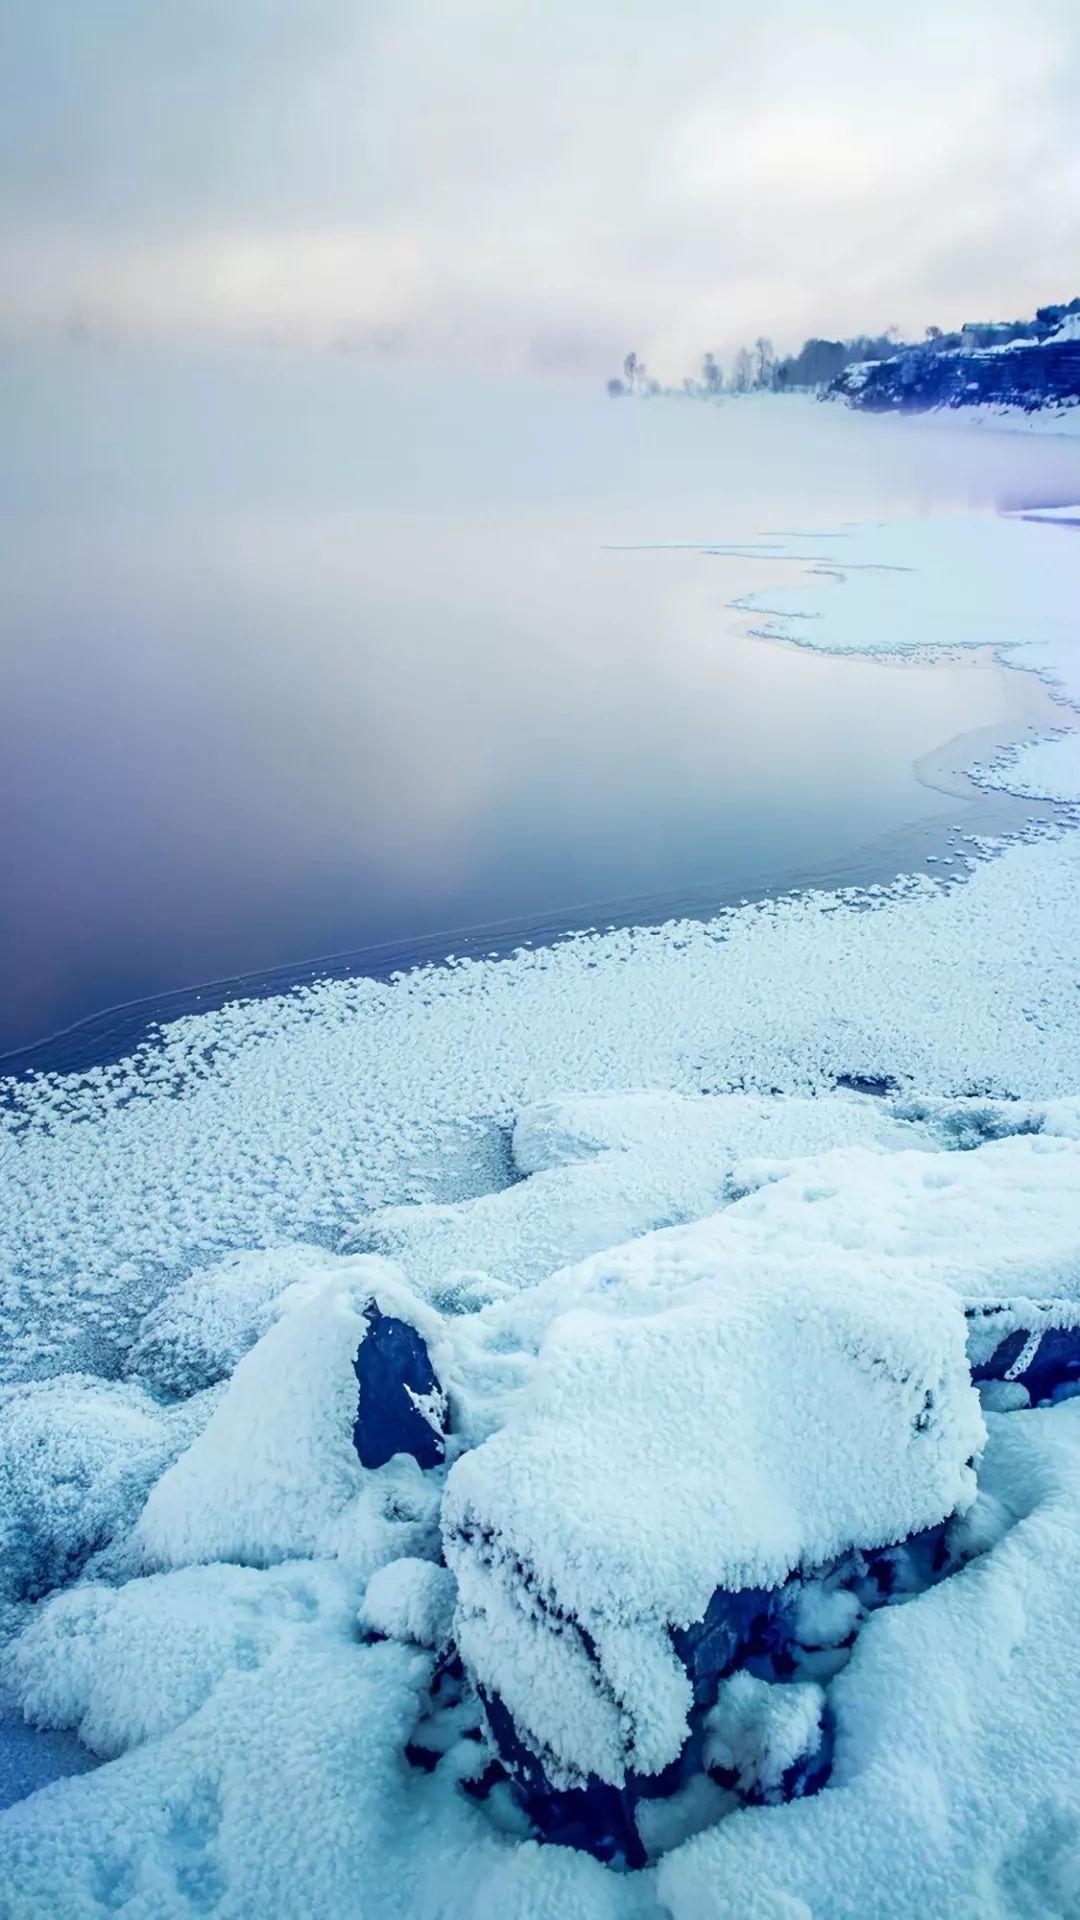 铃声壁纸鸭 下雪天清新唯美壁纸 最适合雪天听的铃声